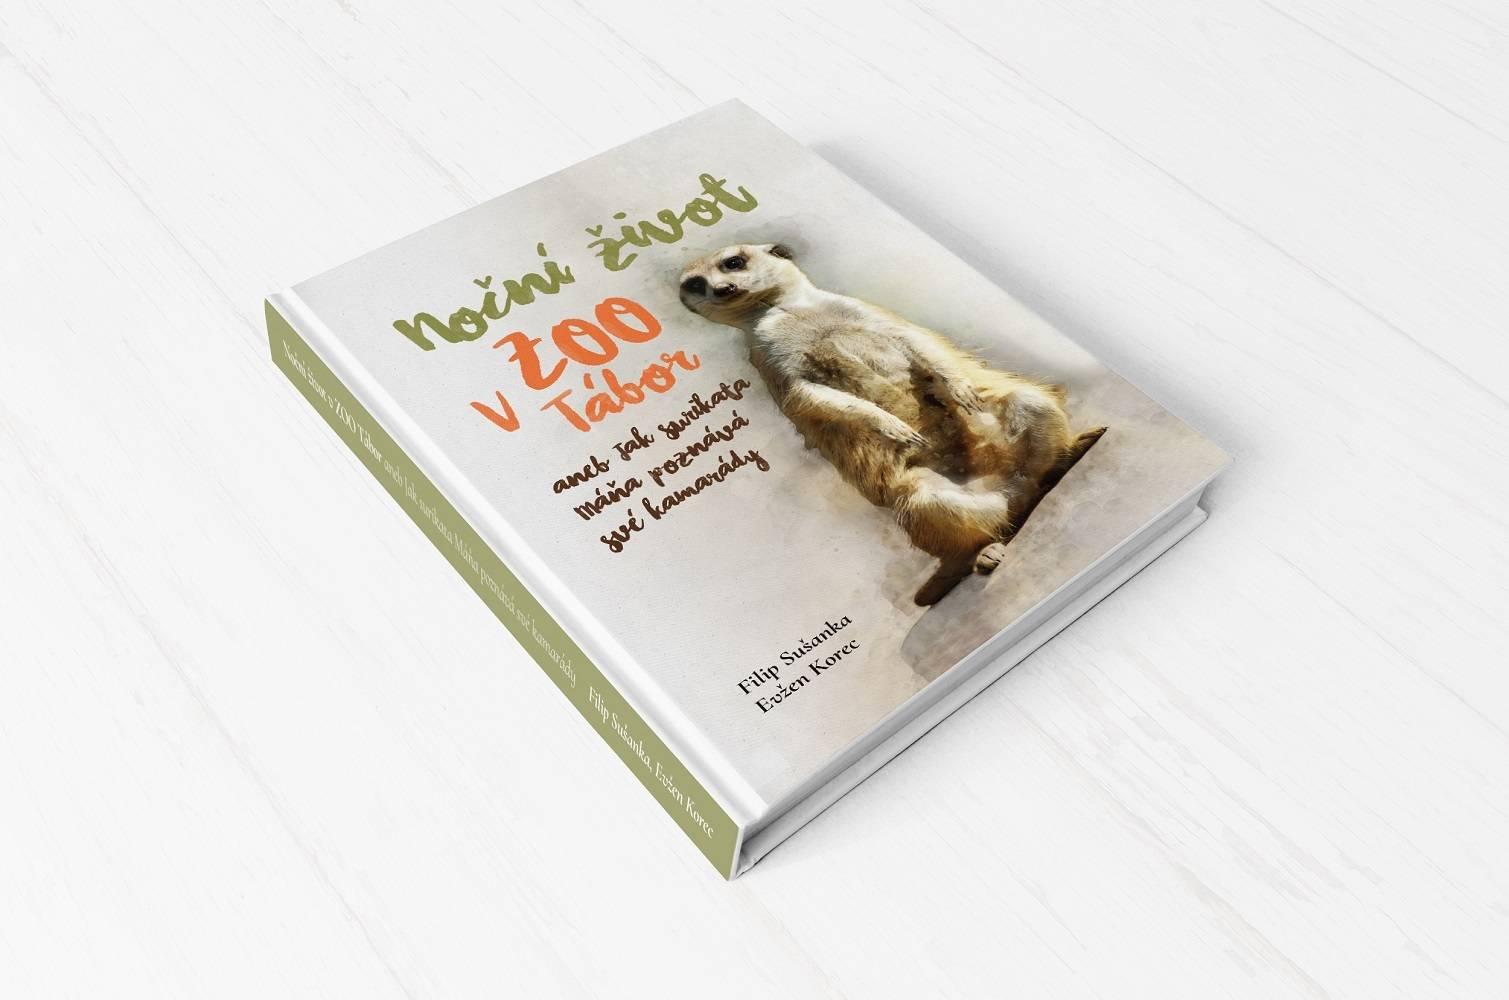 Vydejte se za zvířecími dobrodružstvími v nové dětské knize a objevte tajuplný noční život táborské zoo